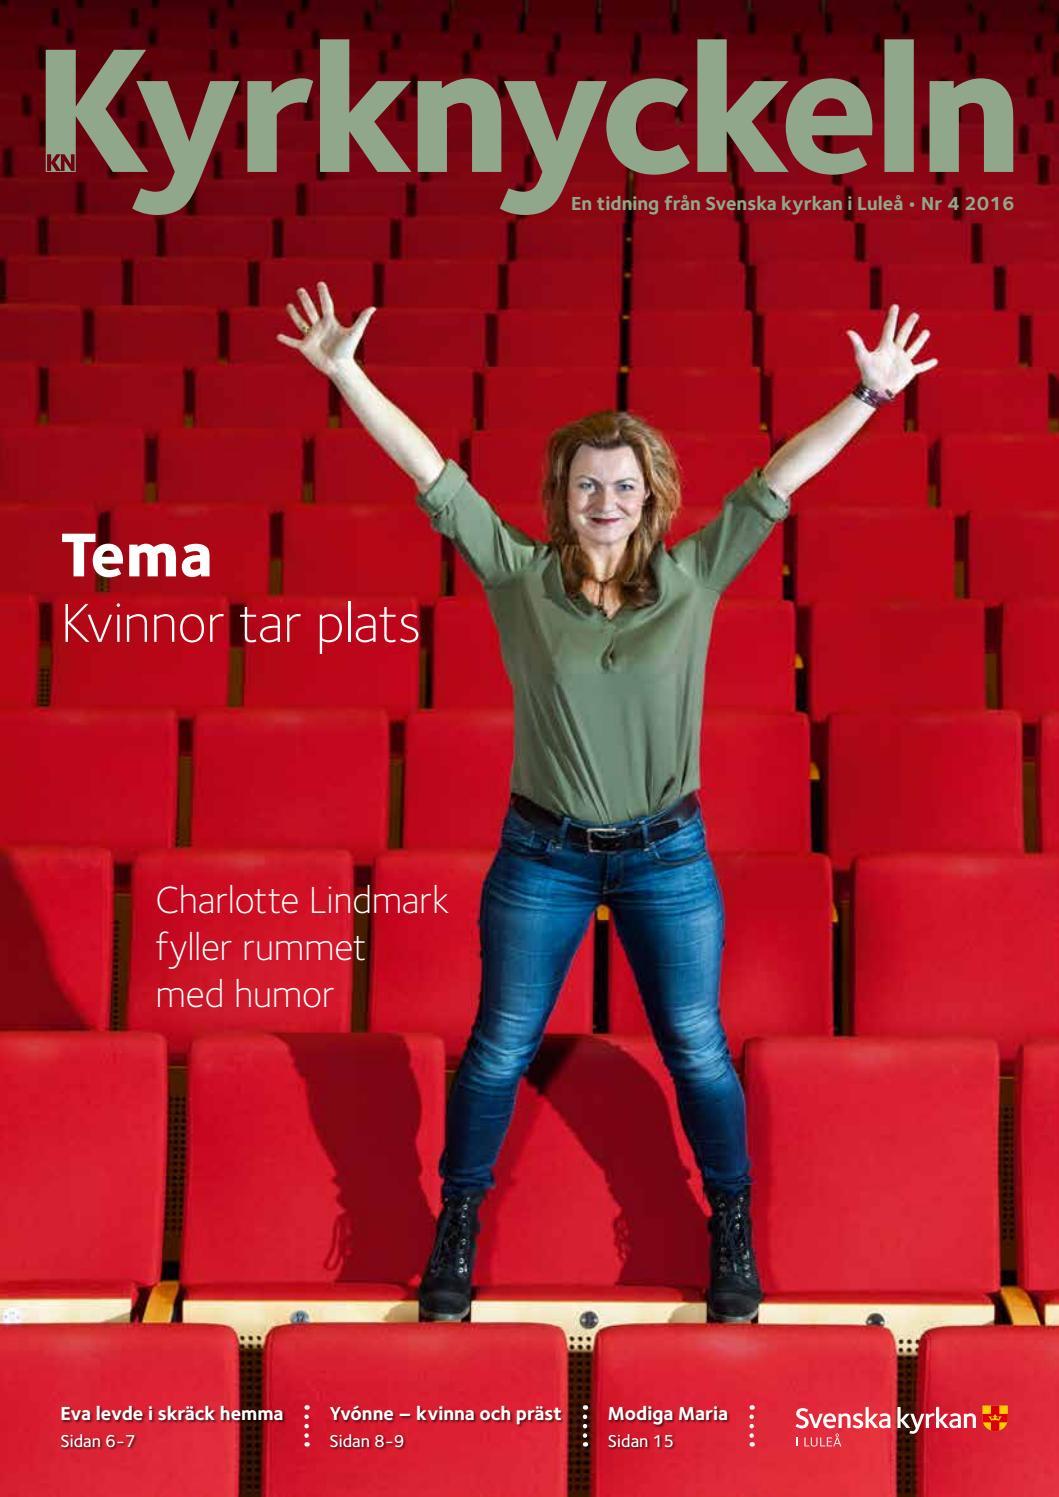 Vivi-Ann Vestman, Edeforsgatan 2B, Lule | redteksystems.net